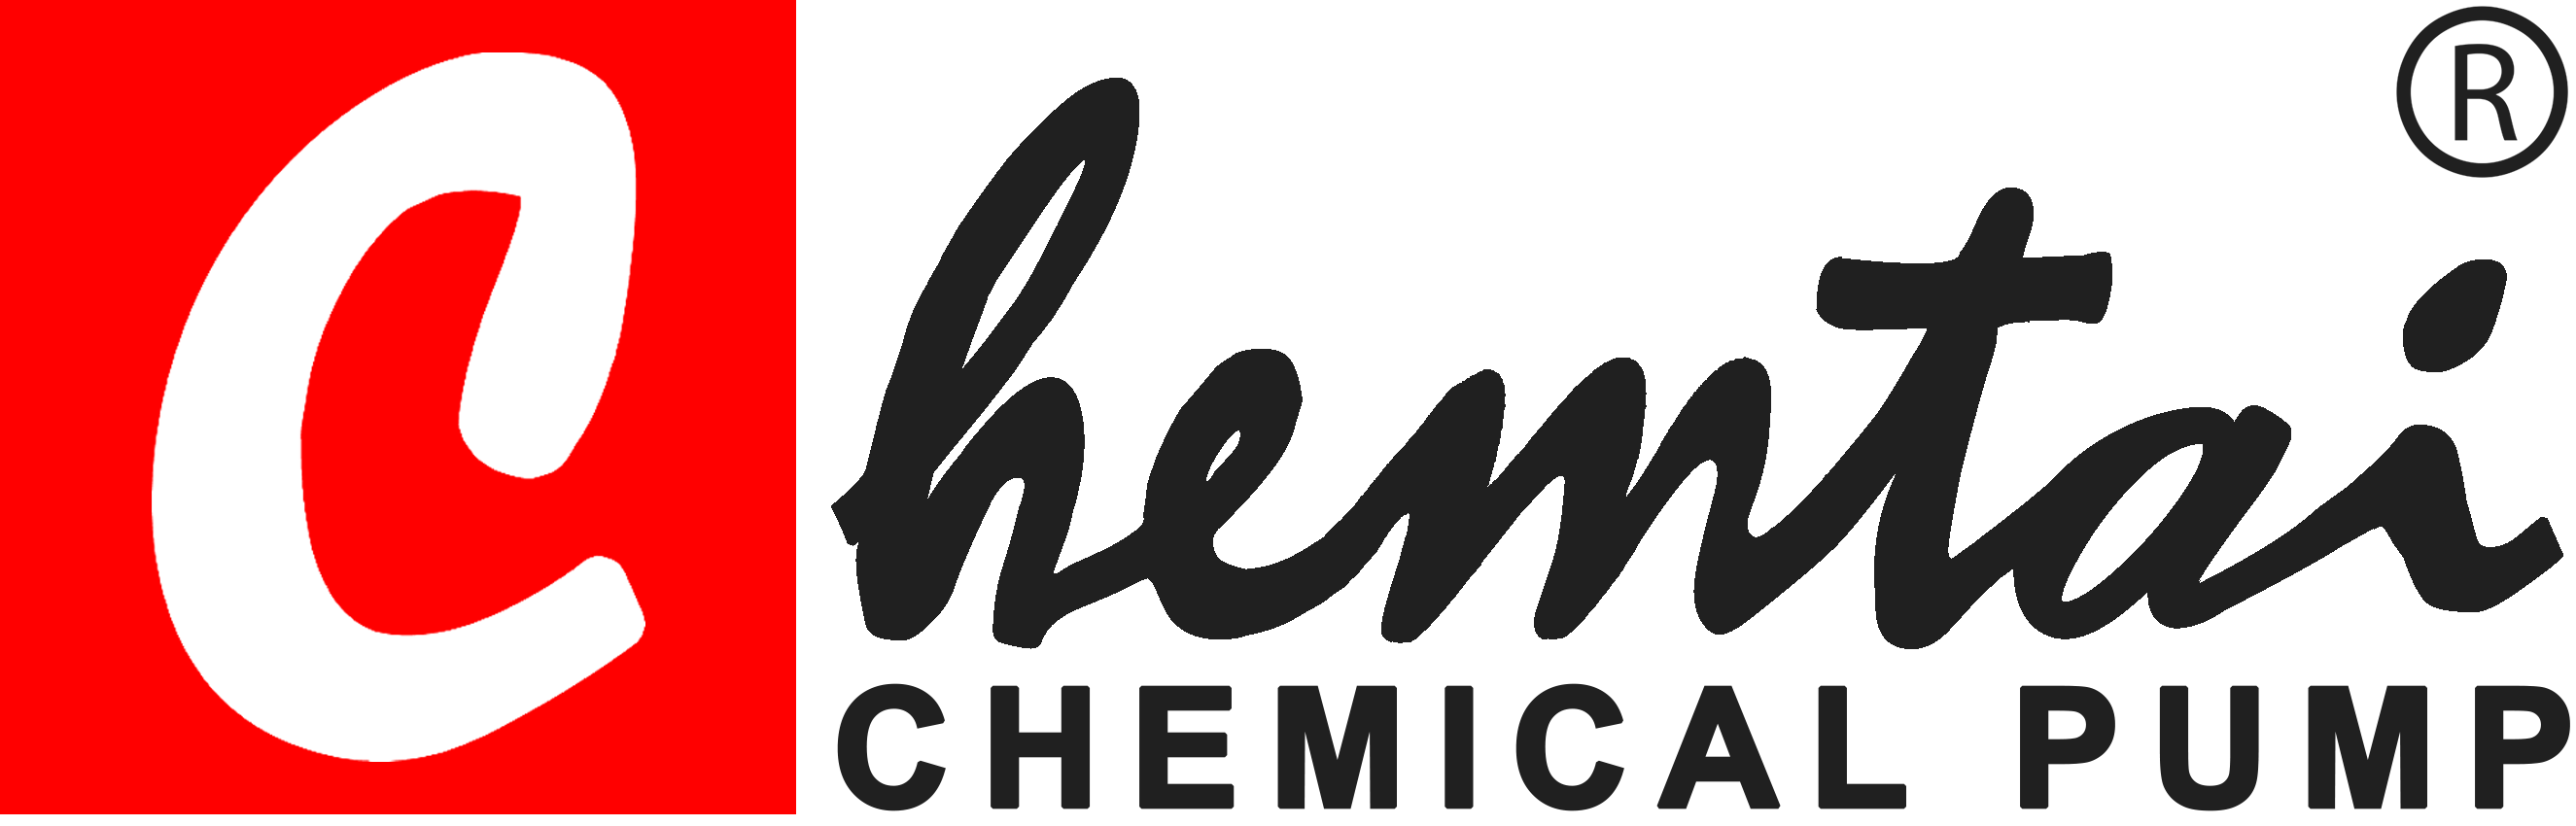 chemtai logo